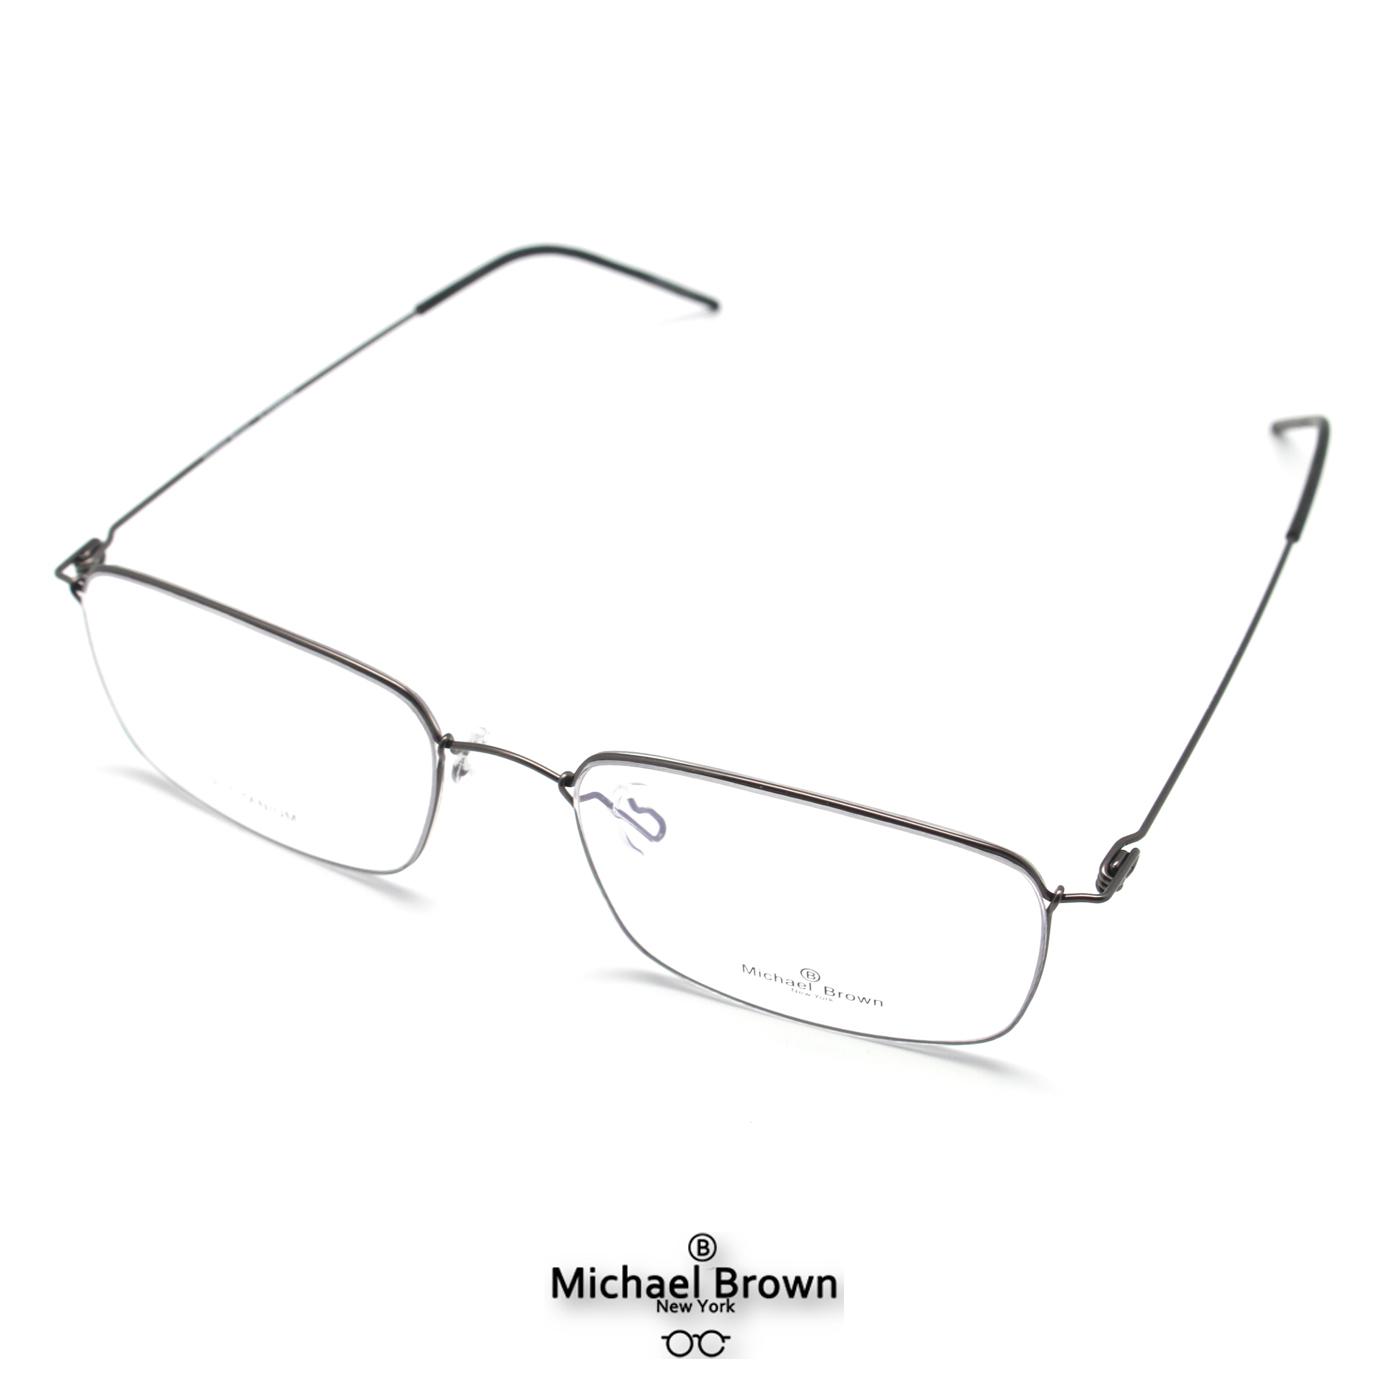 마이클브라운 베타티타늄 오버사이즈 가벼운 안경테 빅사이즈 사각형 실테 M1006